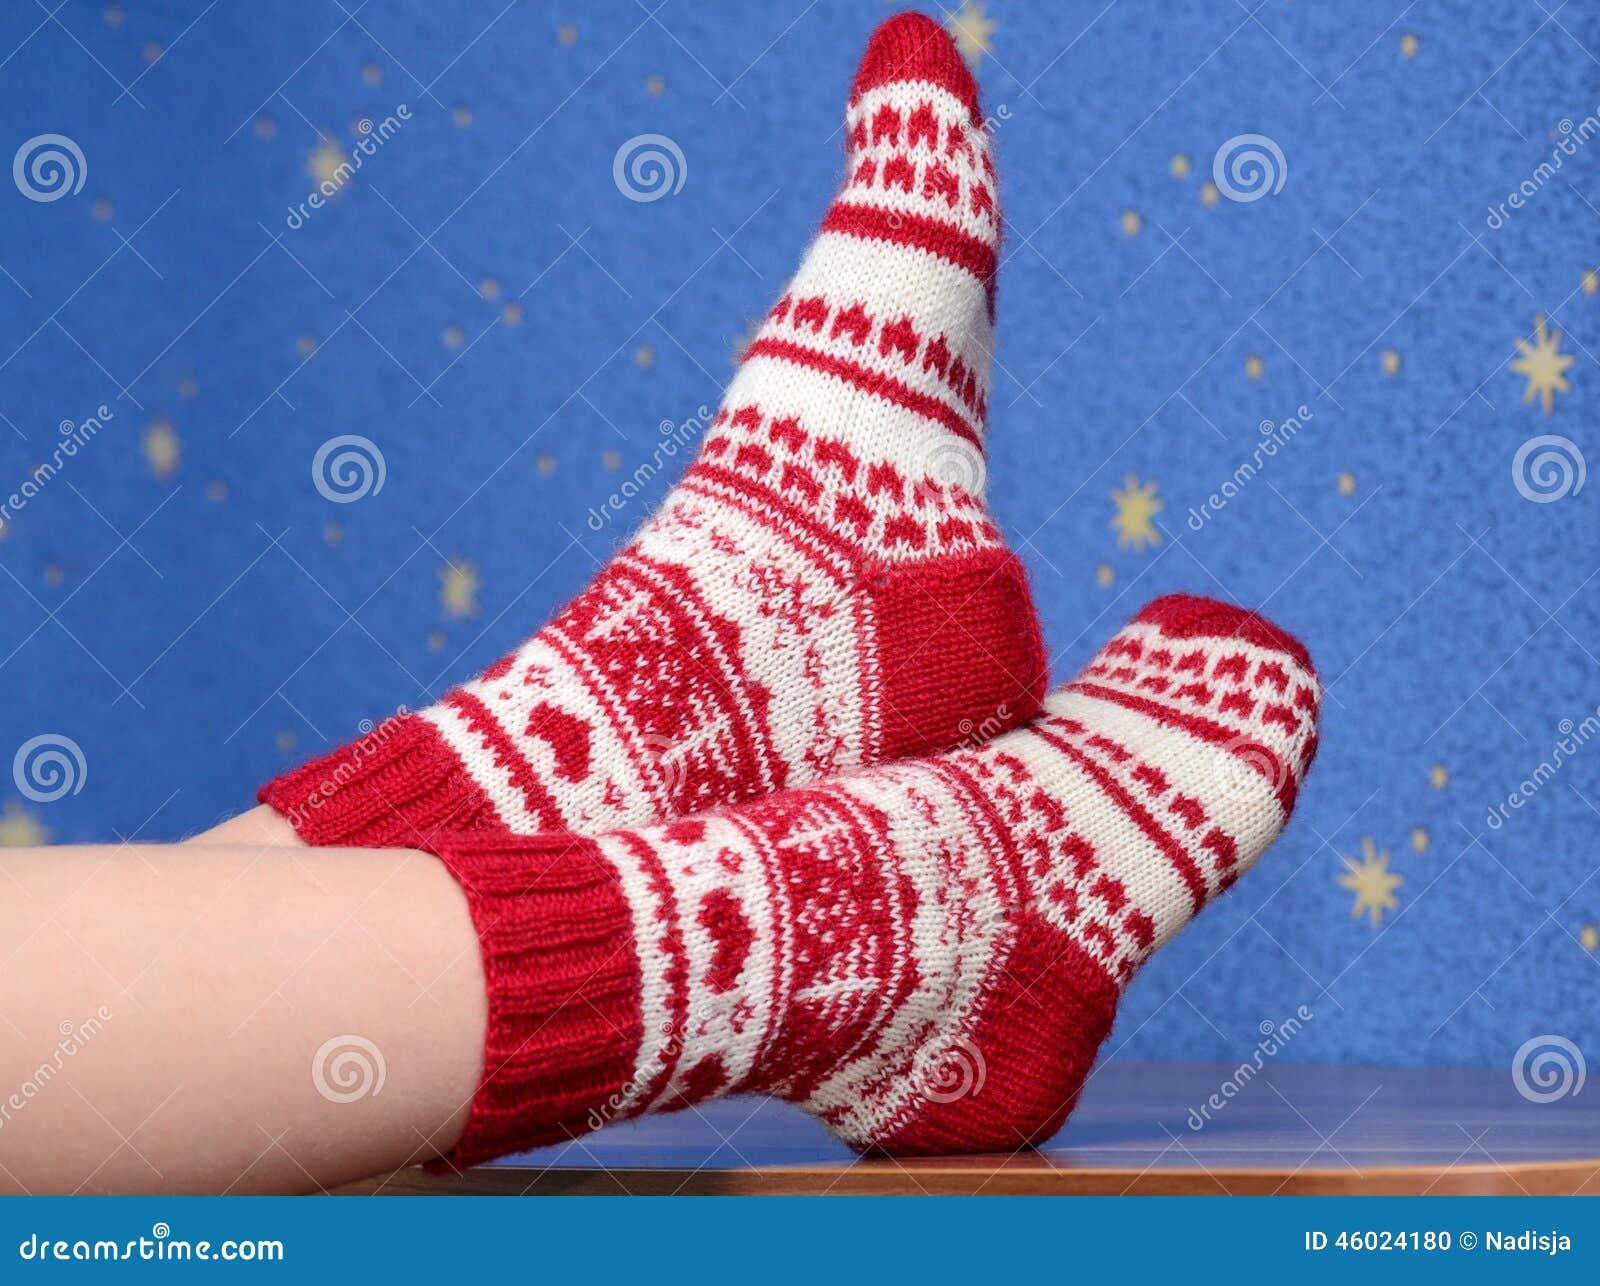 pieds avec des chaussettes de no l sur le bureau la maison photo stock image 46024180. Black Bedroom Furniture Sets. Home Design Ideas